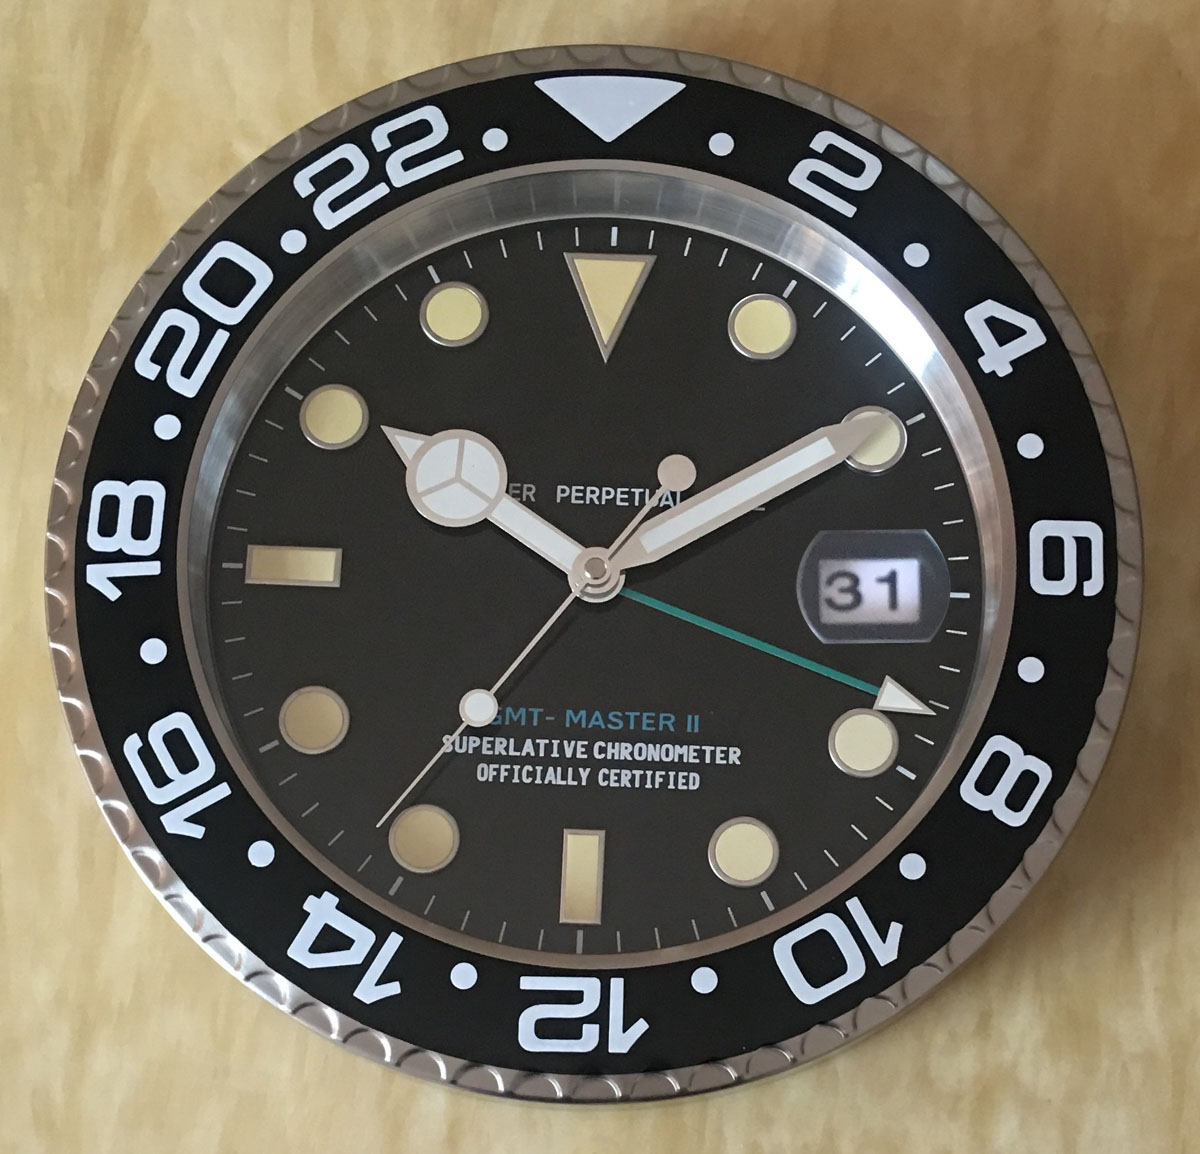 S & F con lupa al por menor Reloj de pared forma de Metal con calendario reloj de lujo en la pared - 4